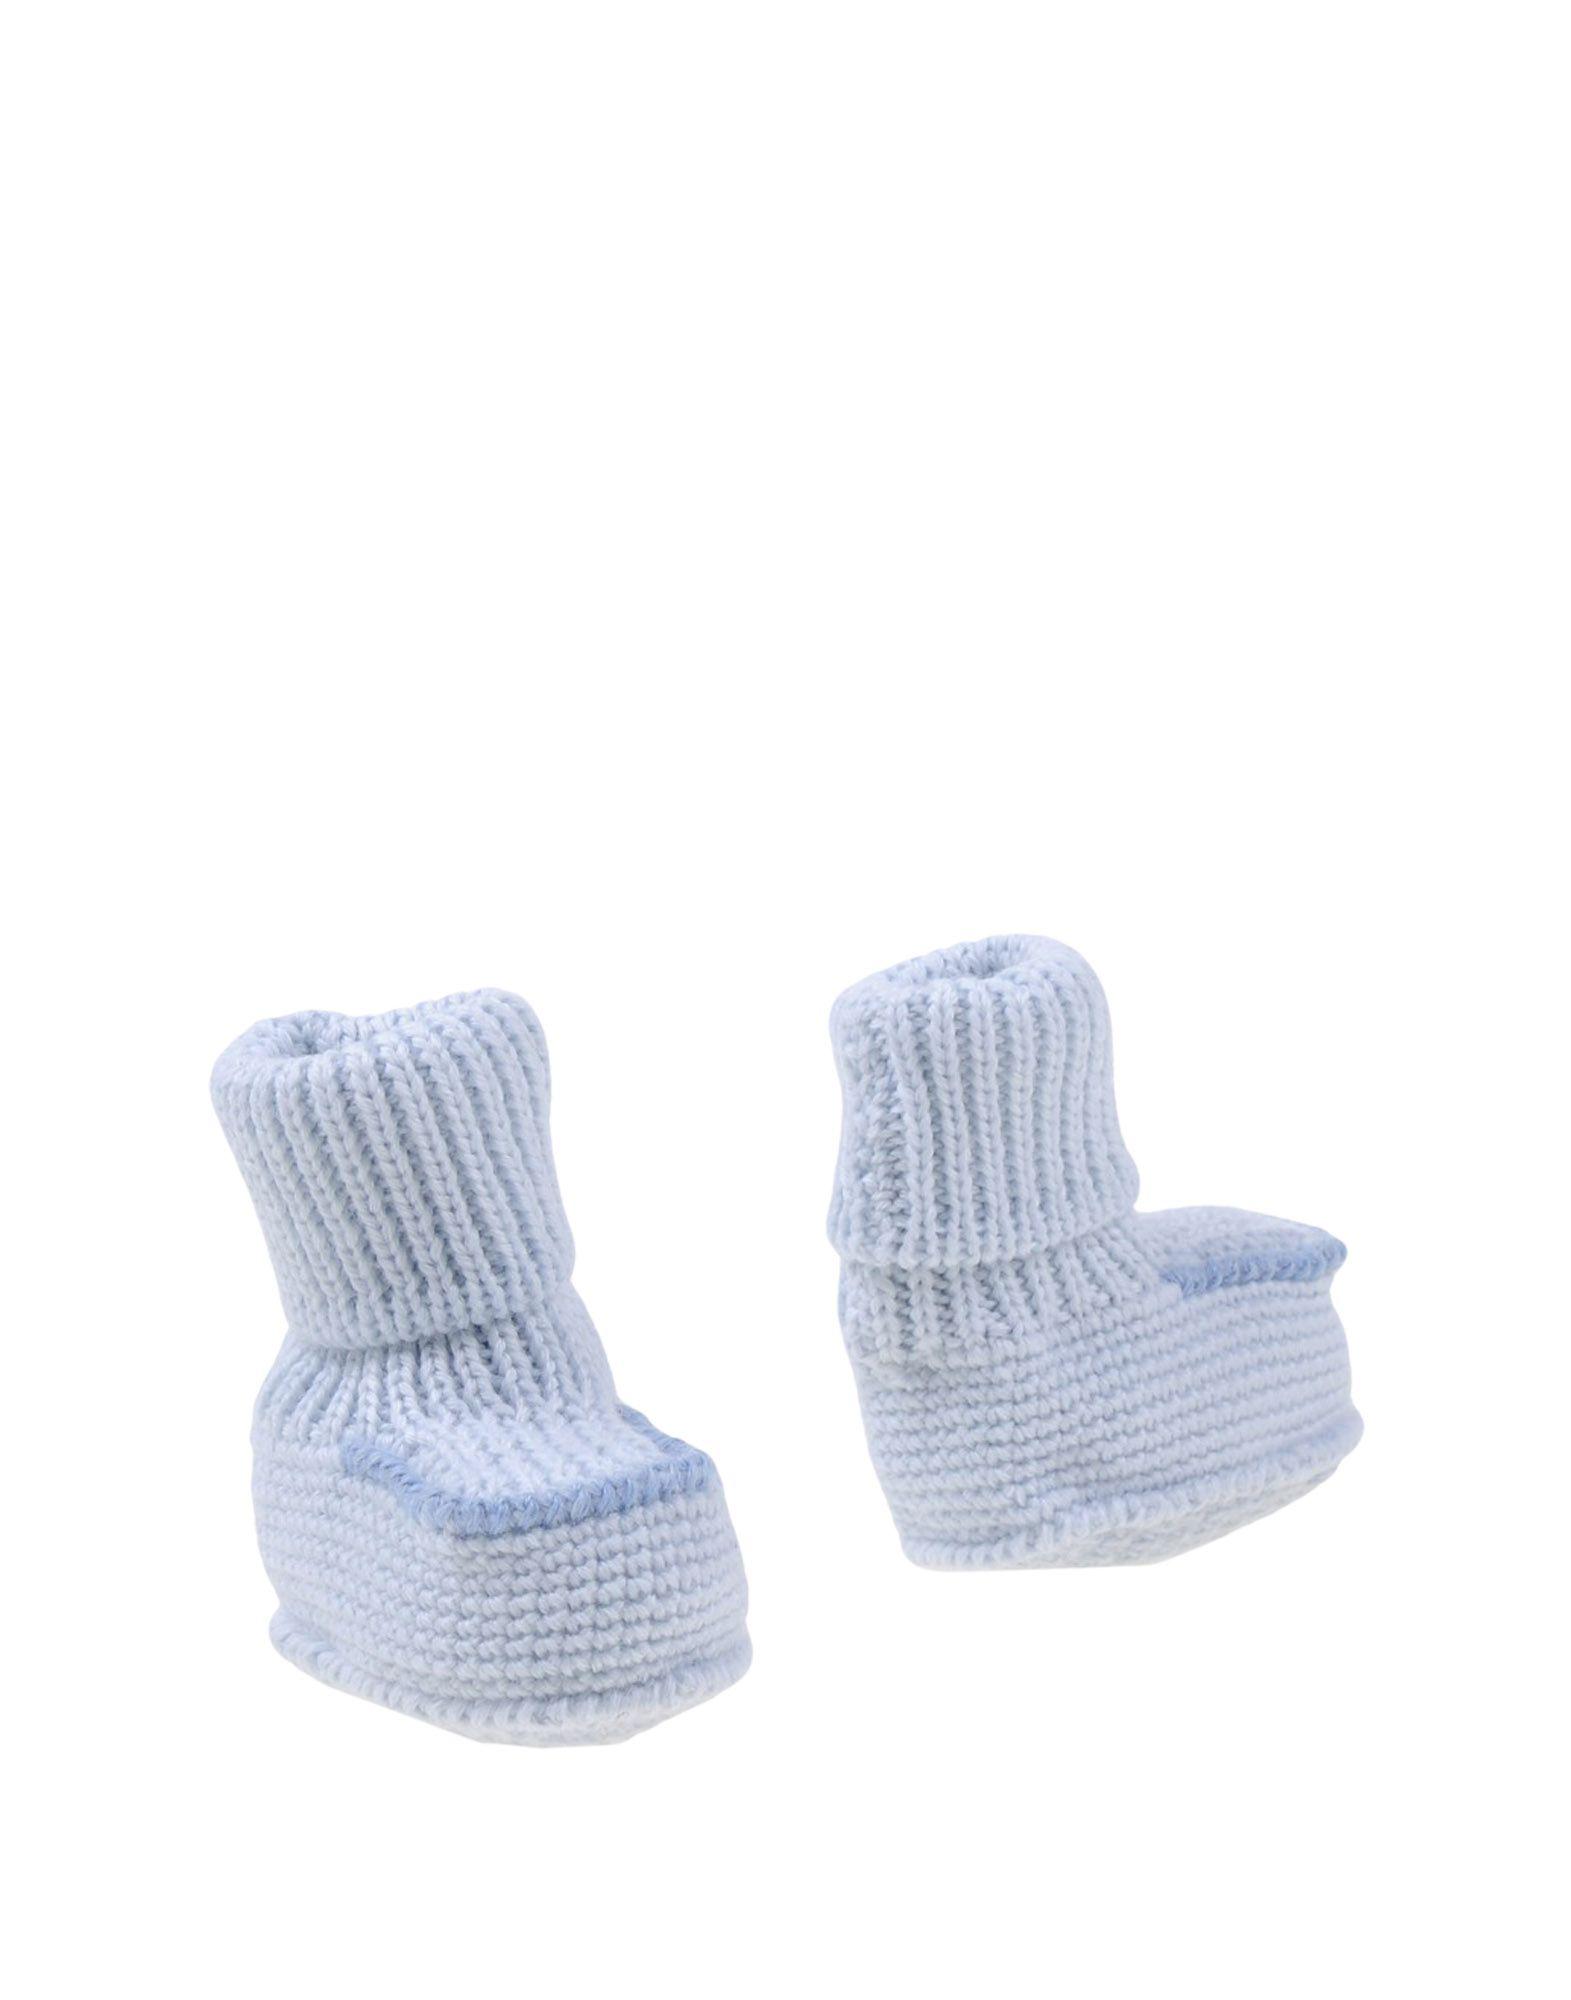 LITTLE BEAR Обувь для новорожденных